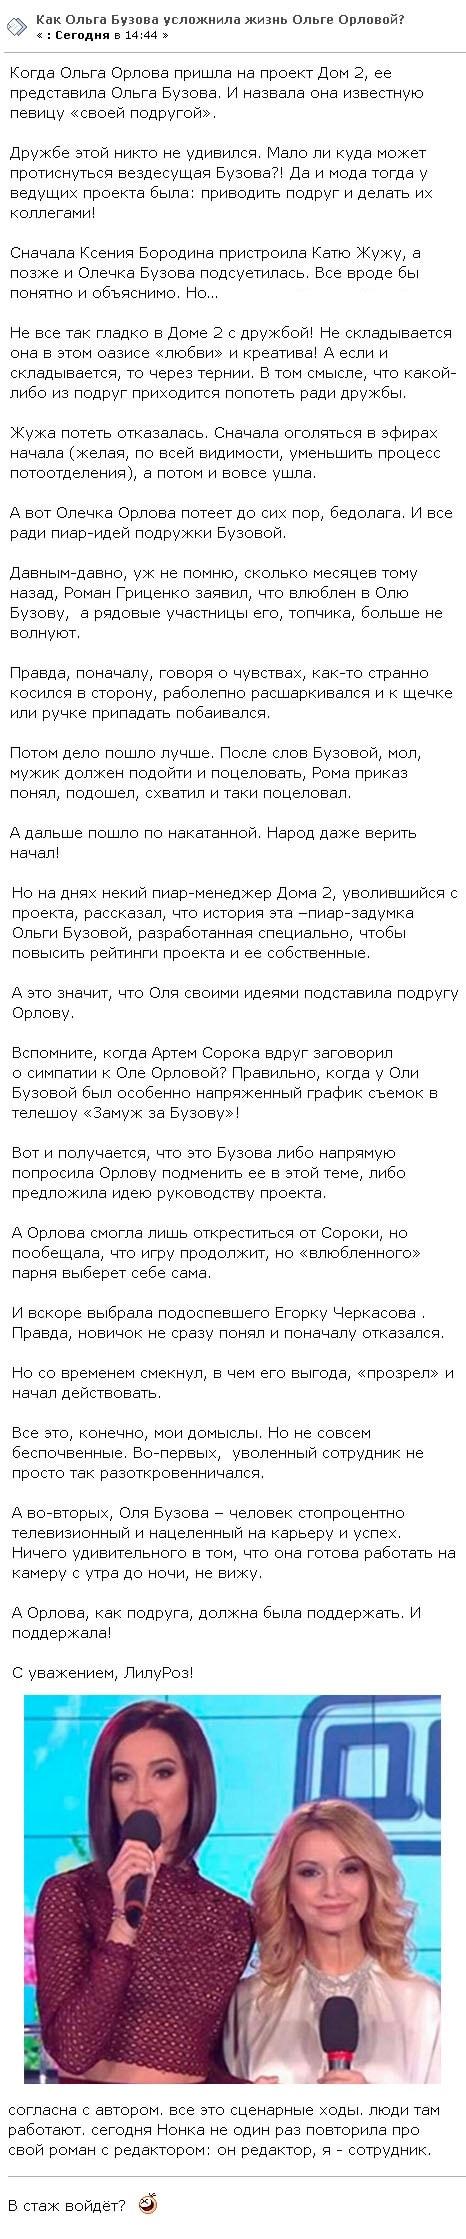 Ольга Бузова вновь серьезно подставила Ольгу Орлову